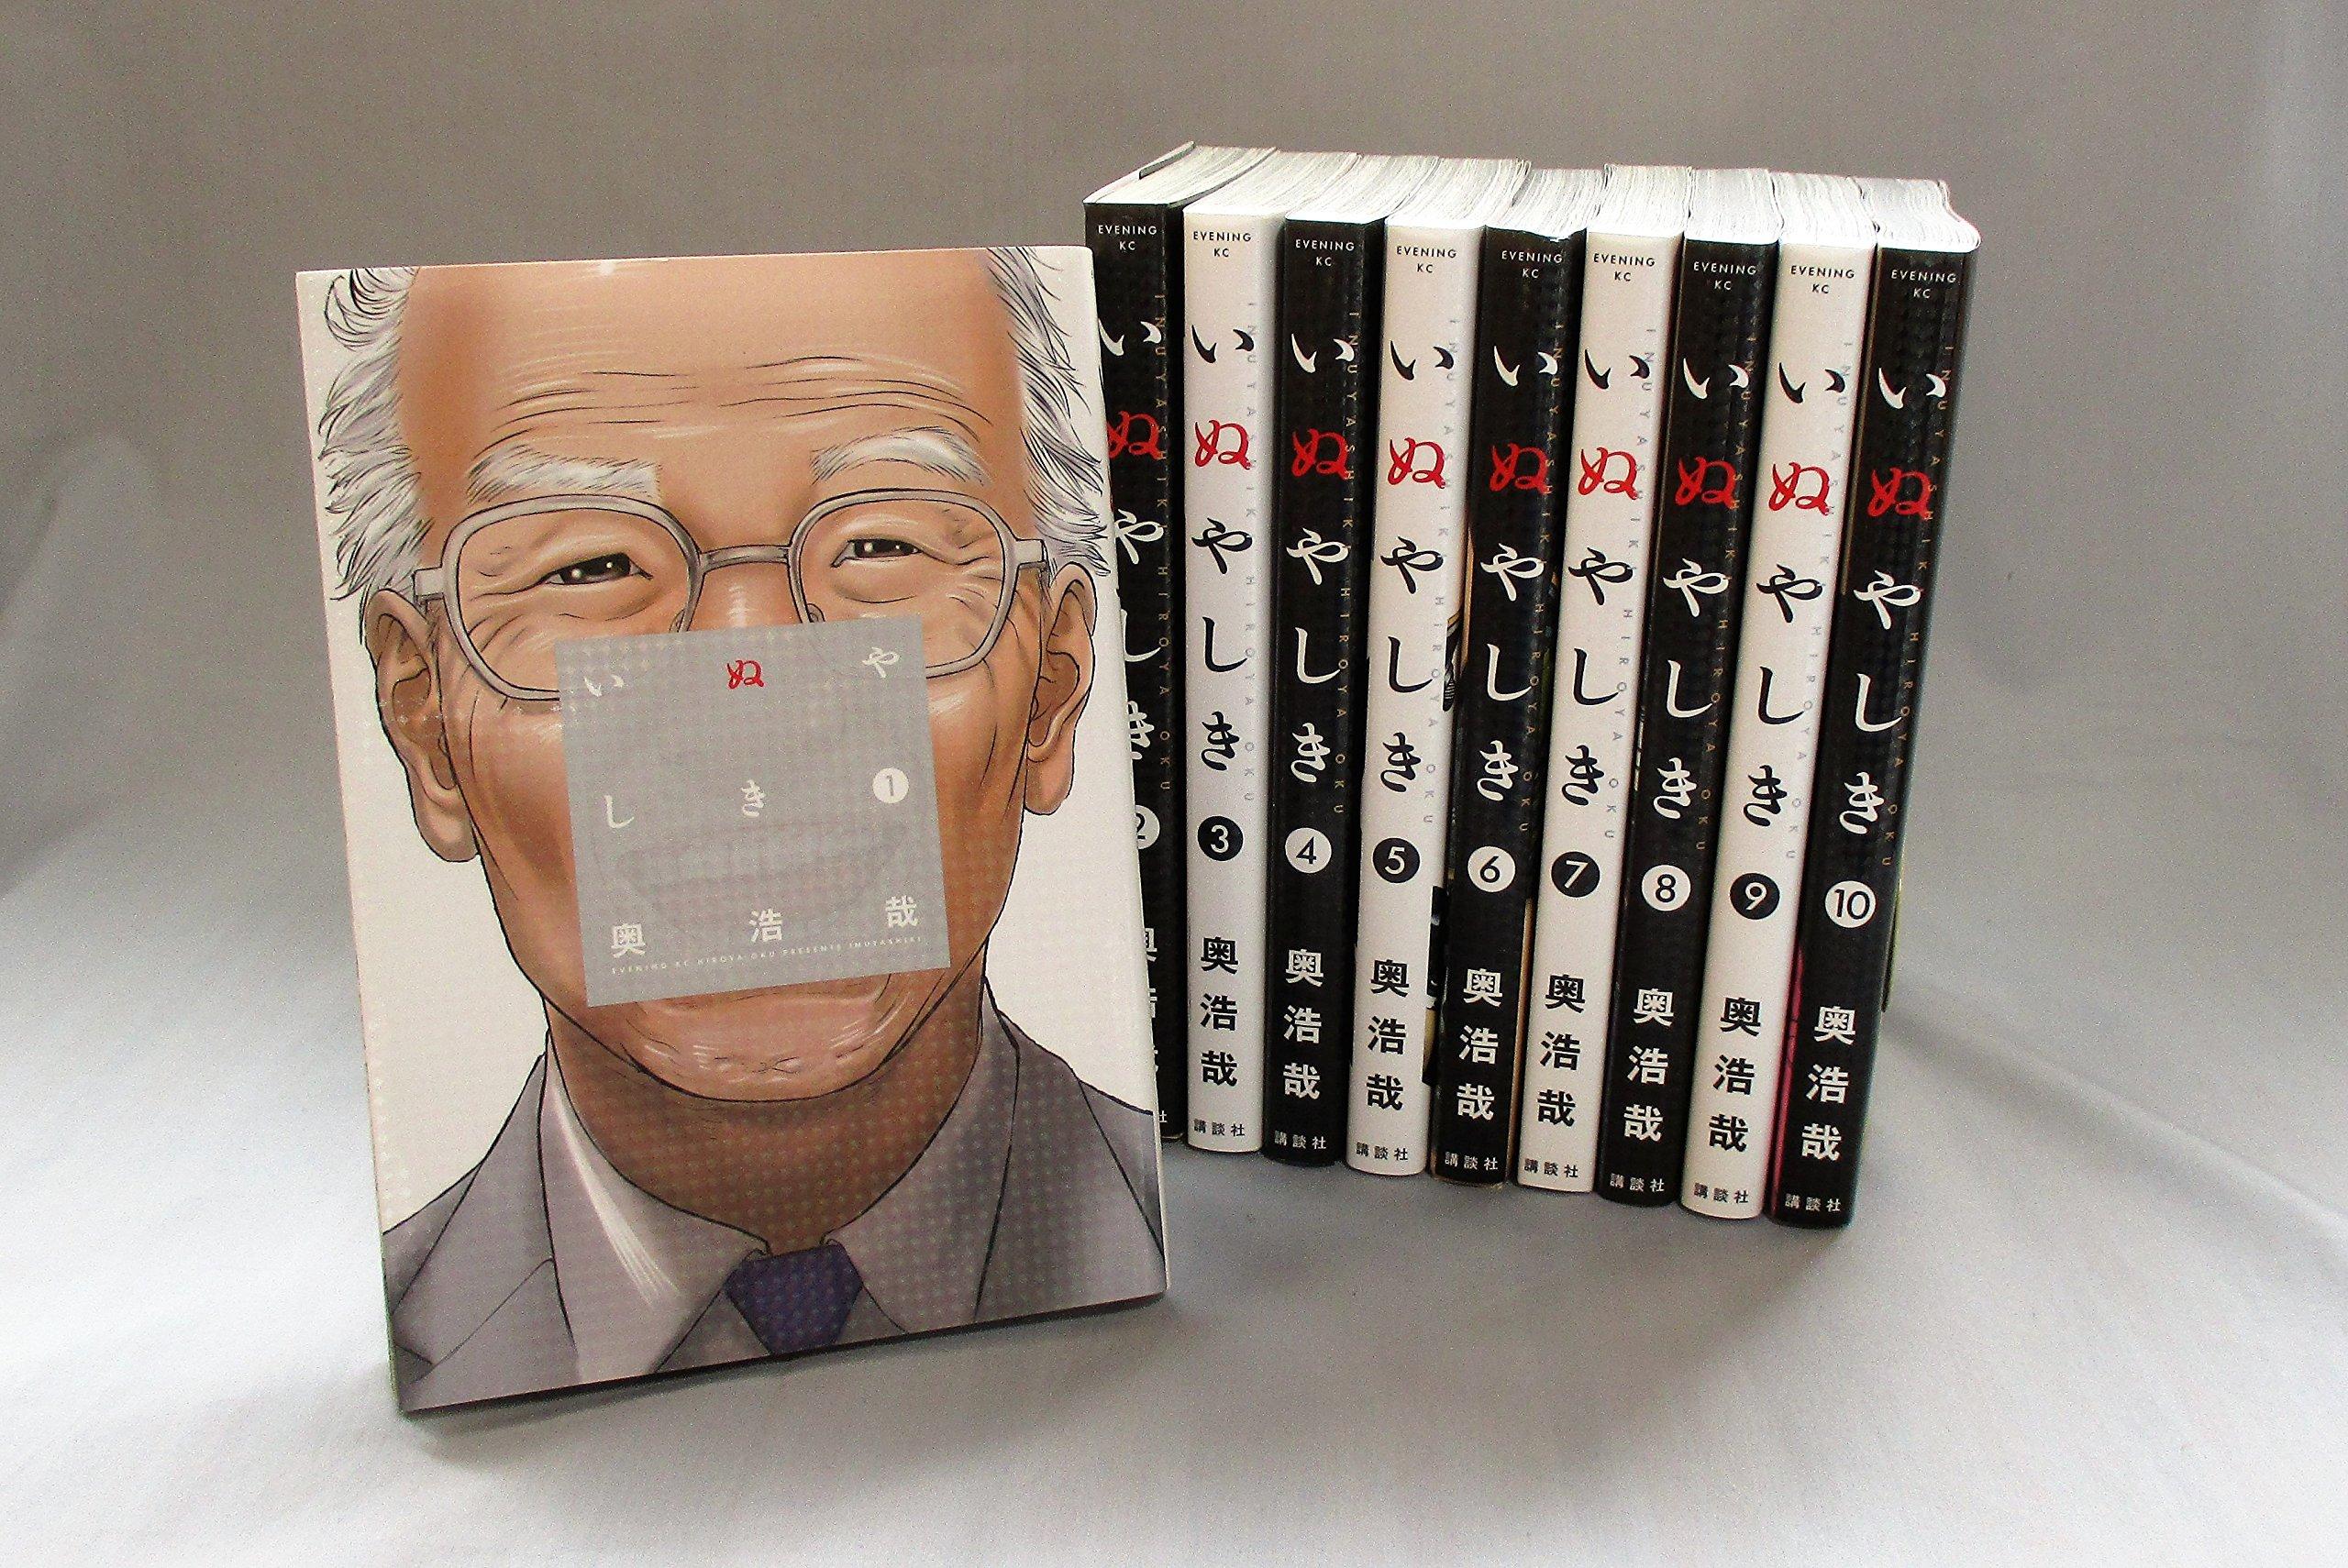 いぬやしきの原作マンガを無料で第1巻を読む裏技や方法は?